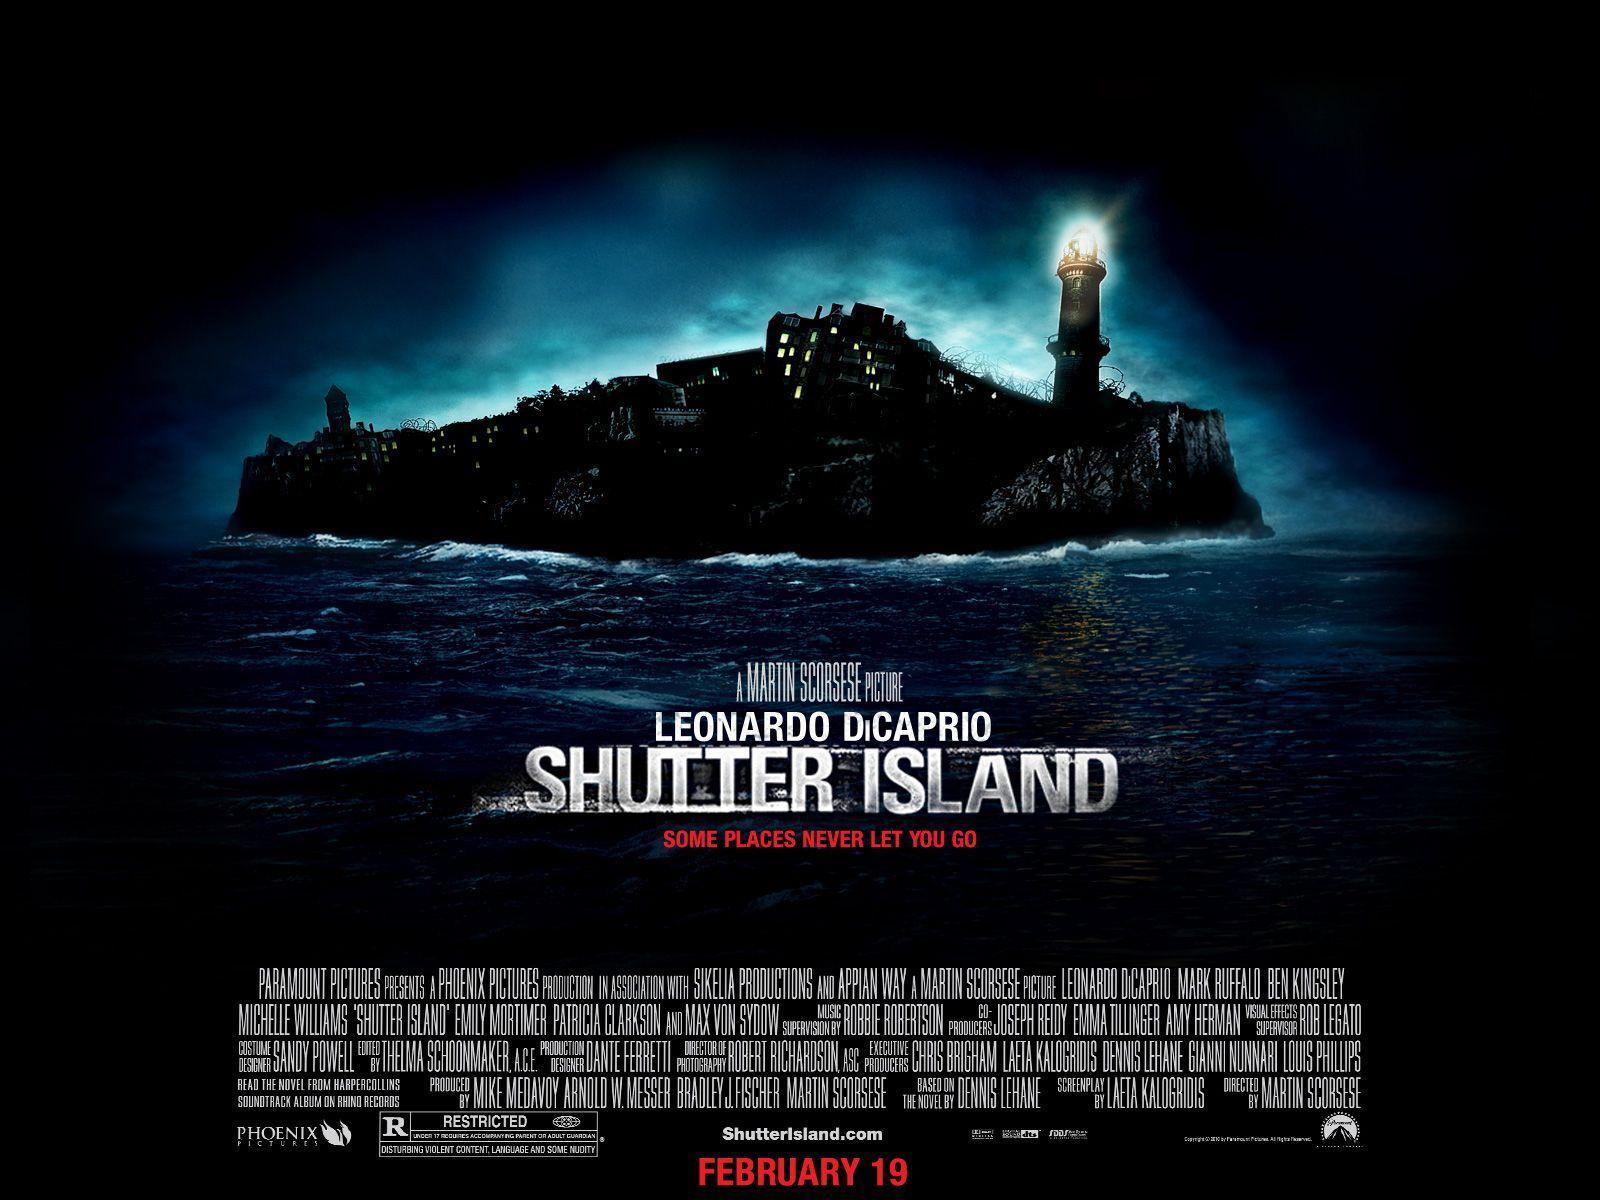 http://4.bp.blogspot.com/-FI-i-golNV8/TlGR2JEm2tI/AAAAAAAAAV0/A0DtSn4CCPc/s1600/Shutter_Island_Wallpaper_3_1280.jpg